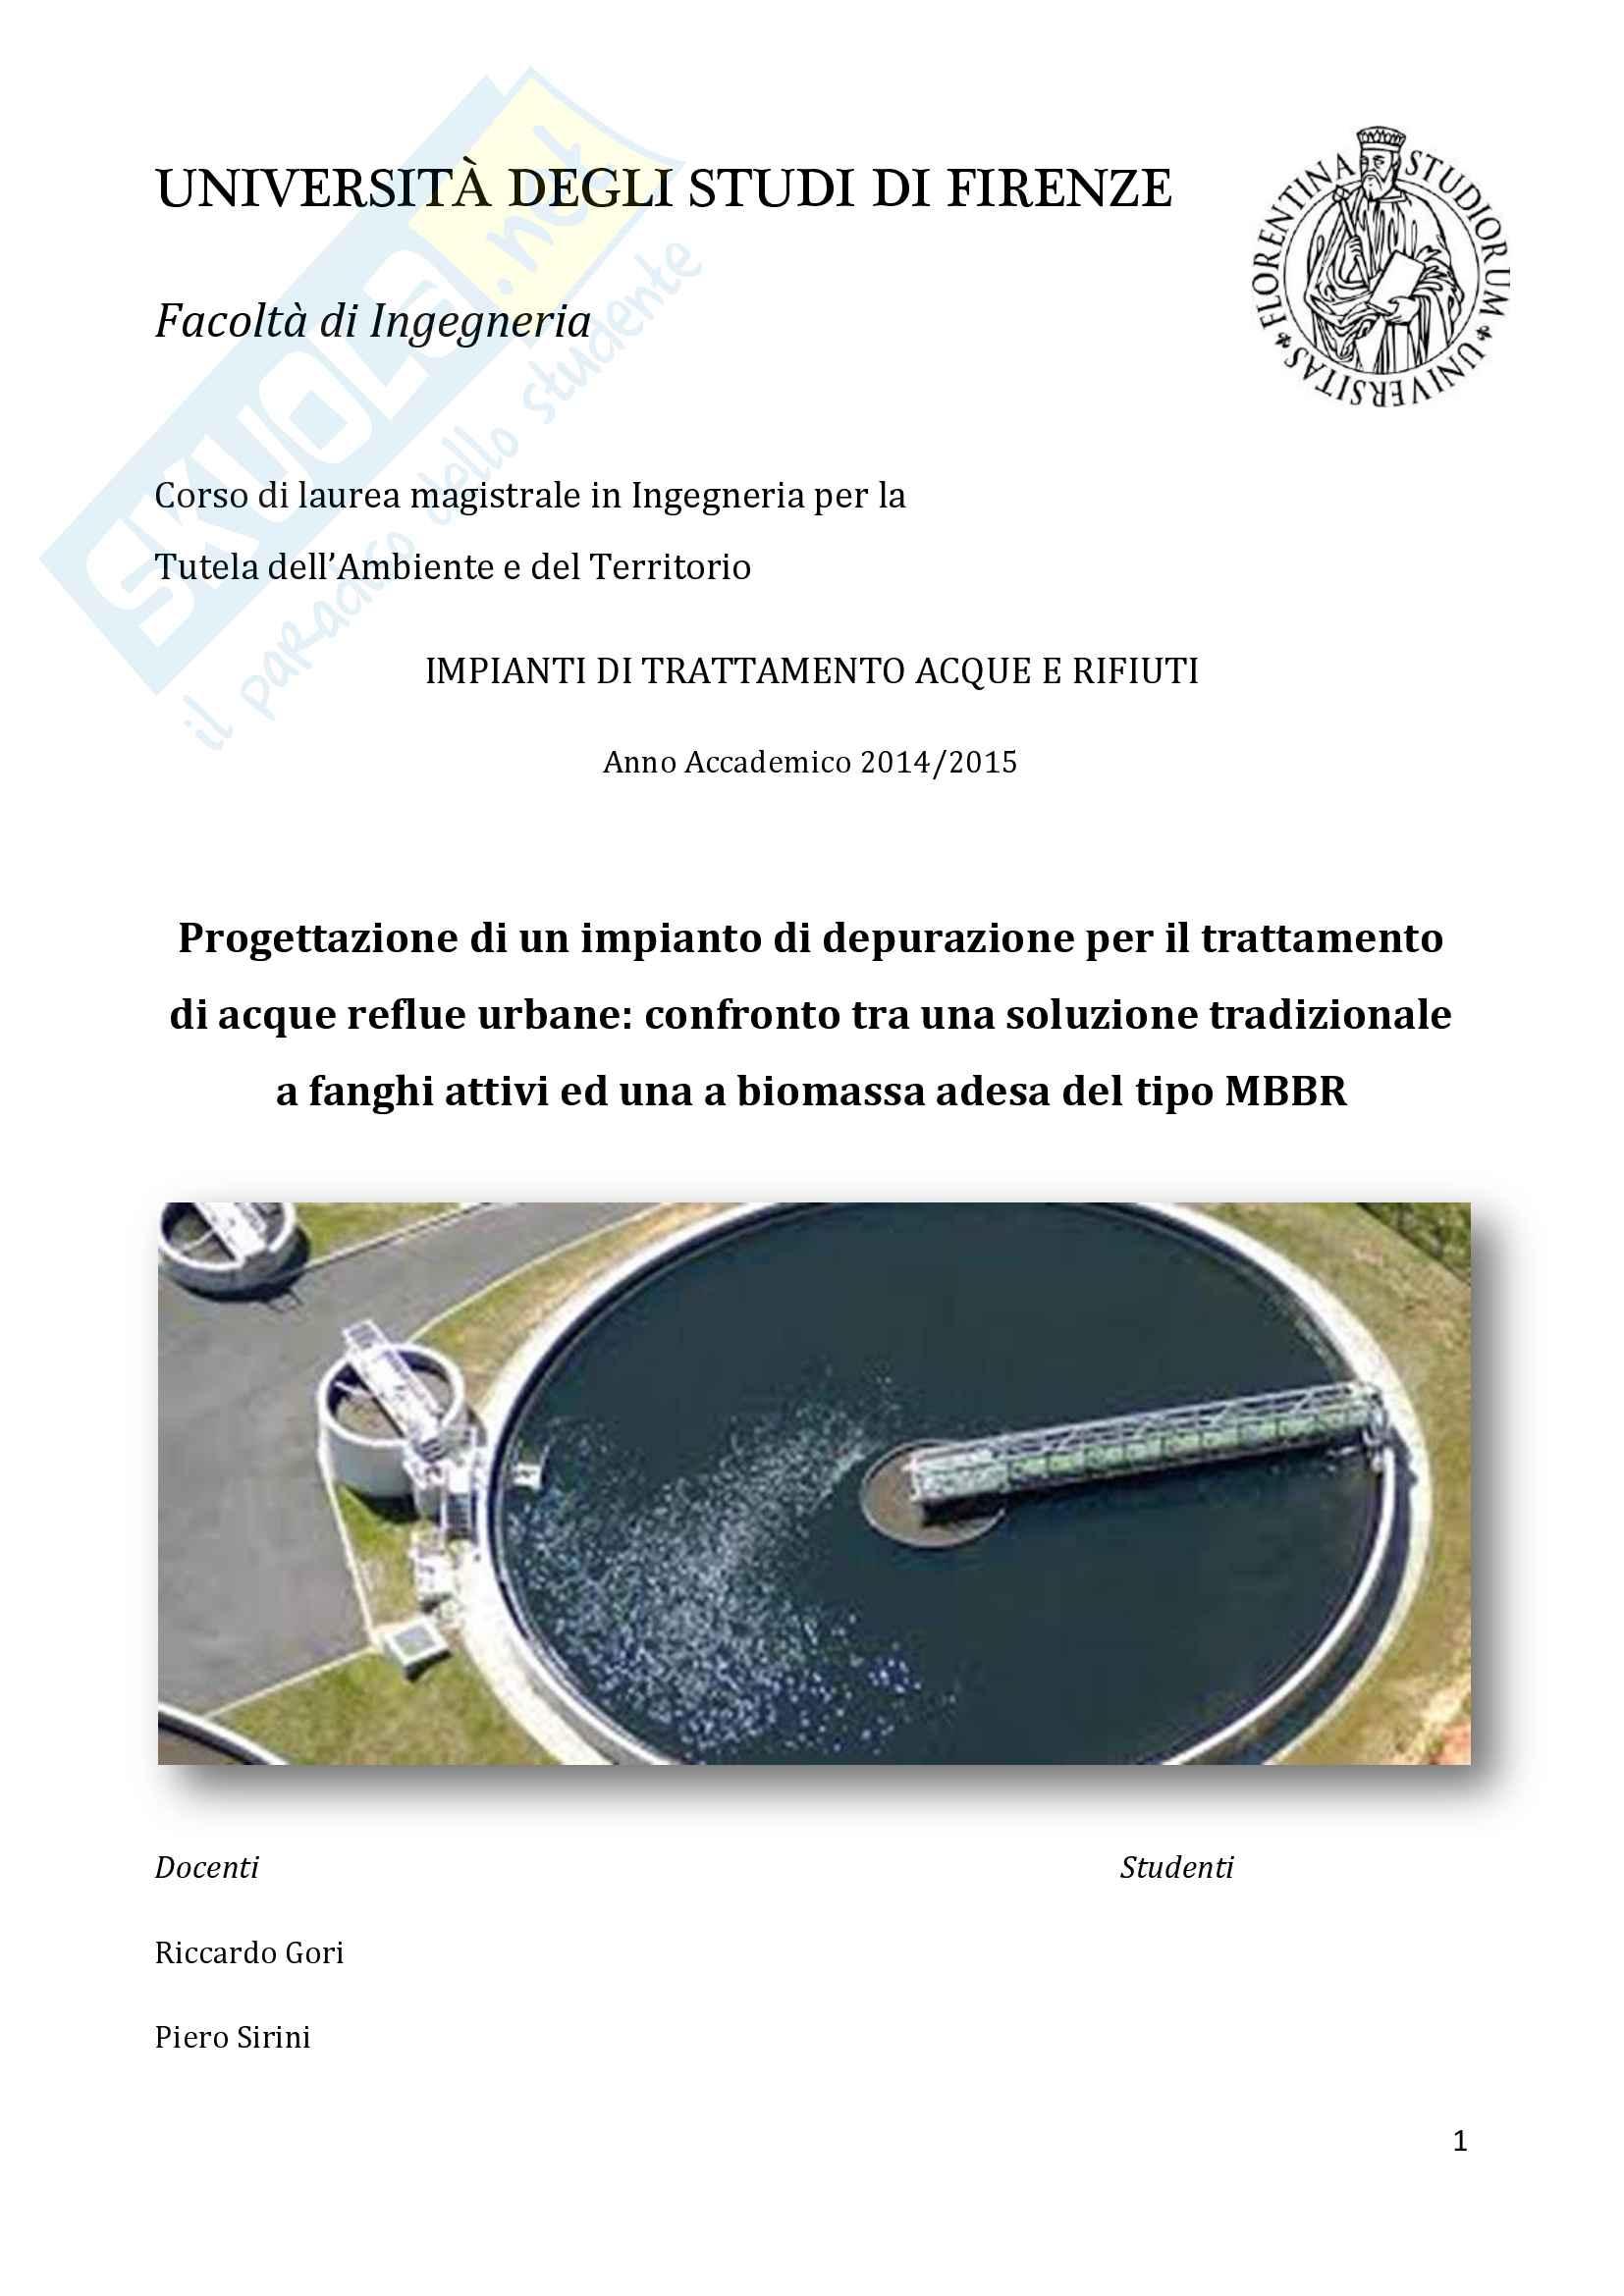 Impianti di trattamento acque e rifiuti - progetto di un impianto di depurazione di acque reflue urbane